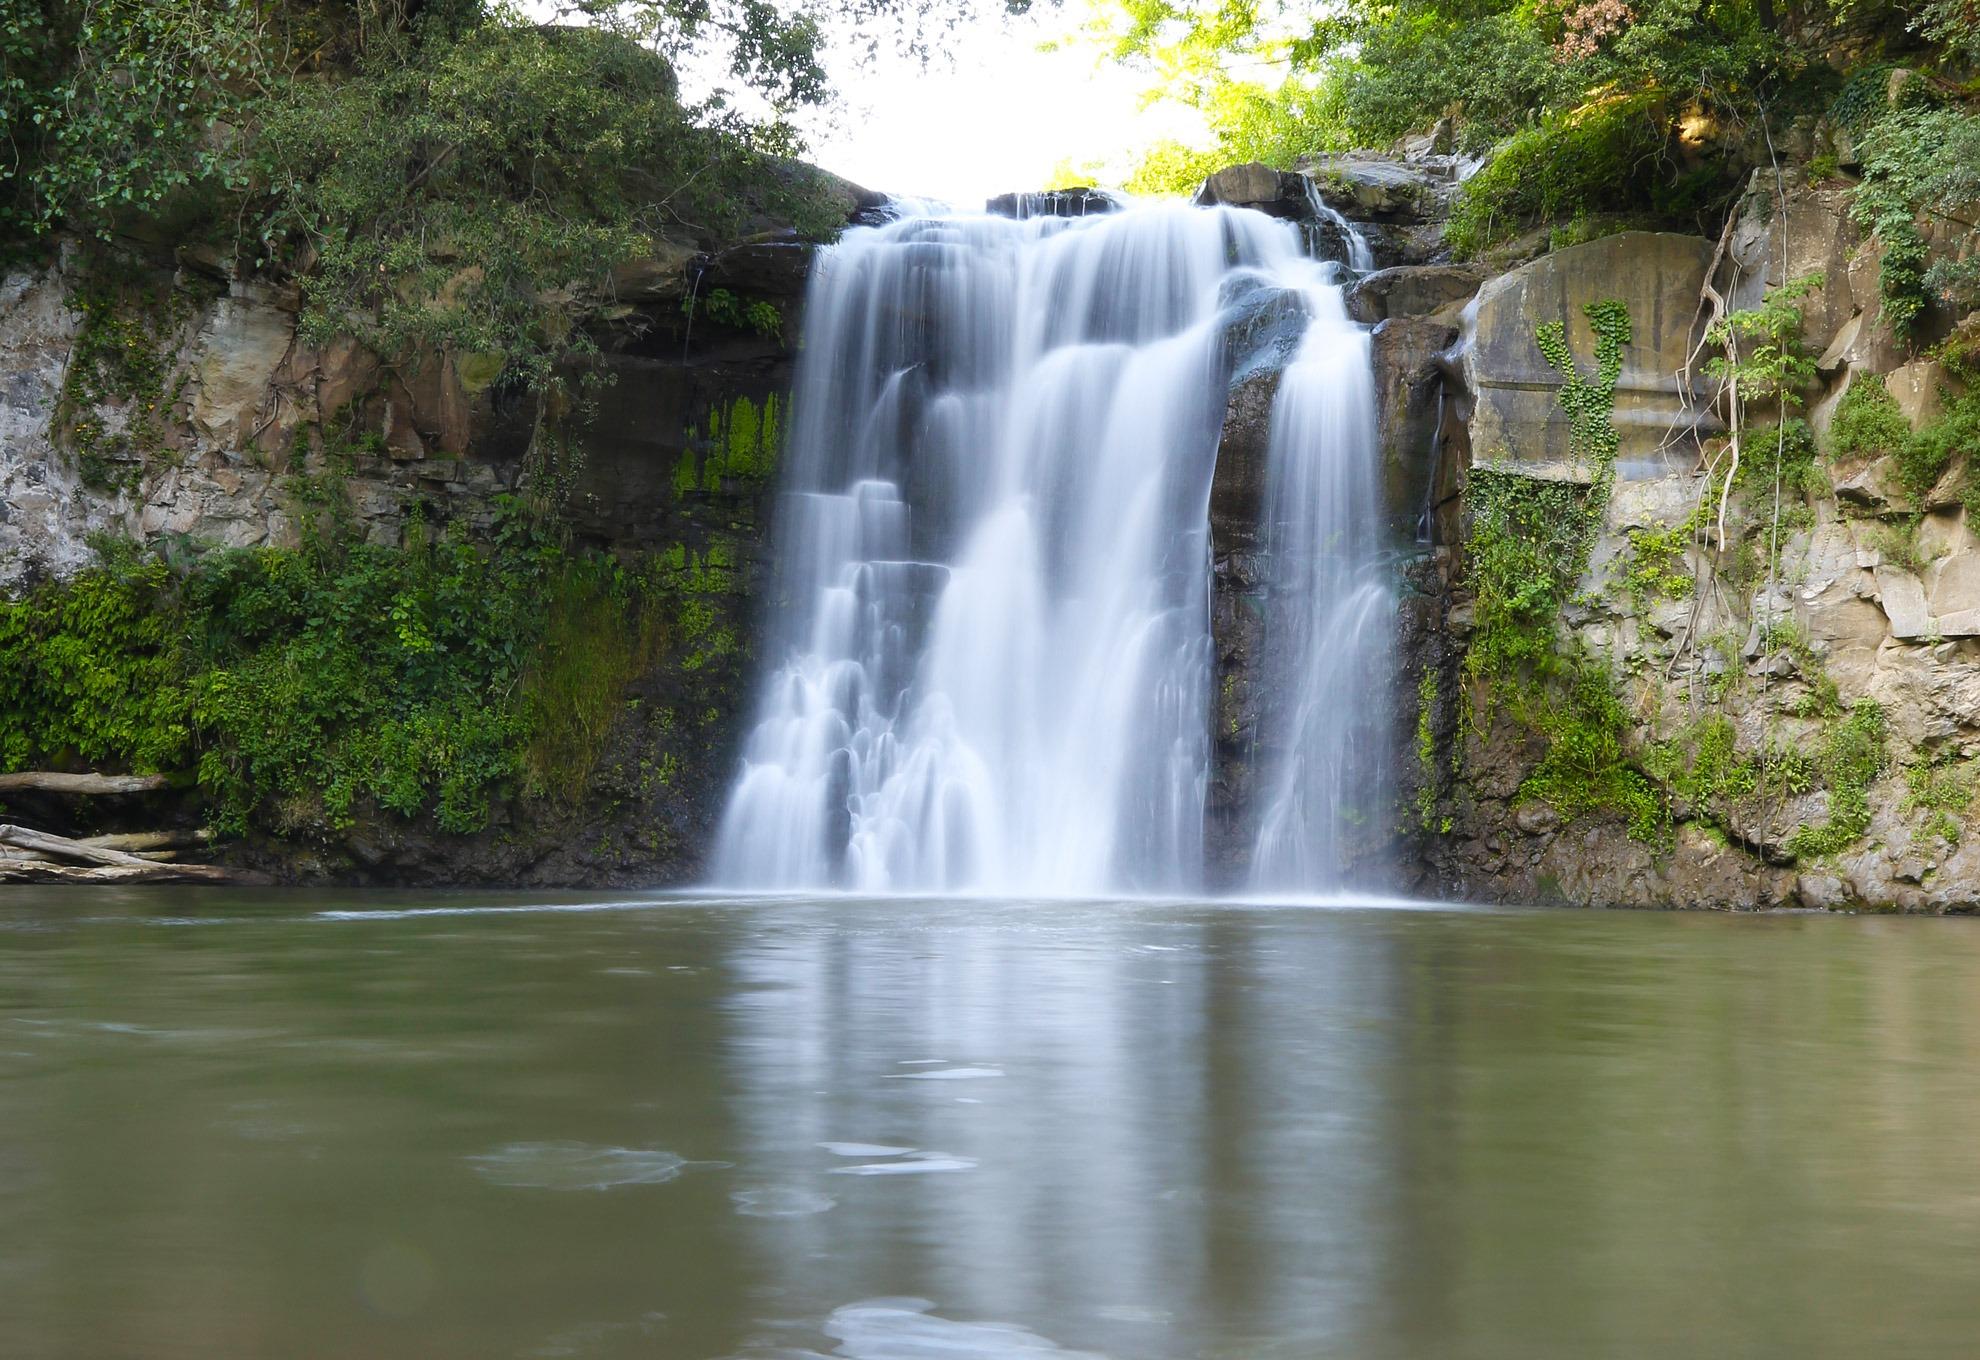 Le cascate più belle del centro italia - Italia Nascosta Travel ...